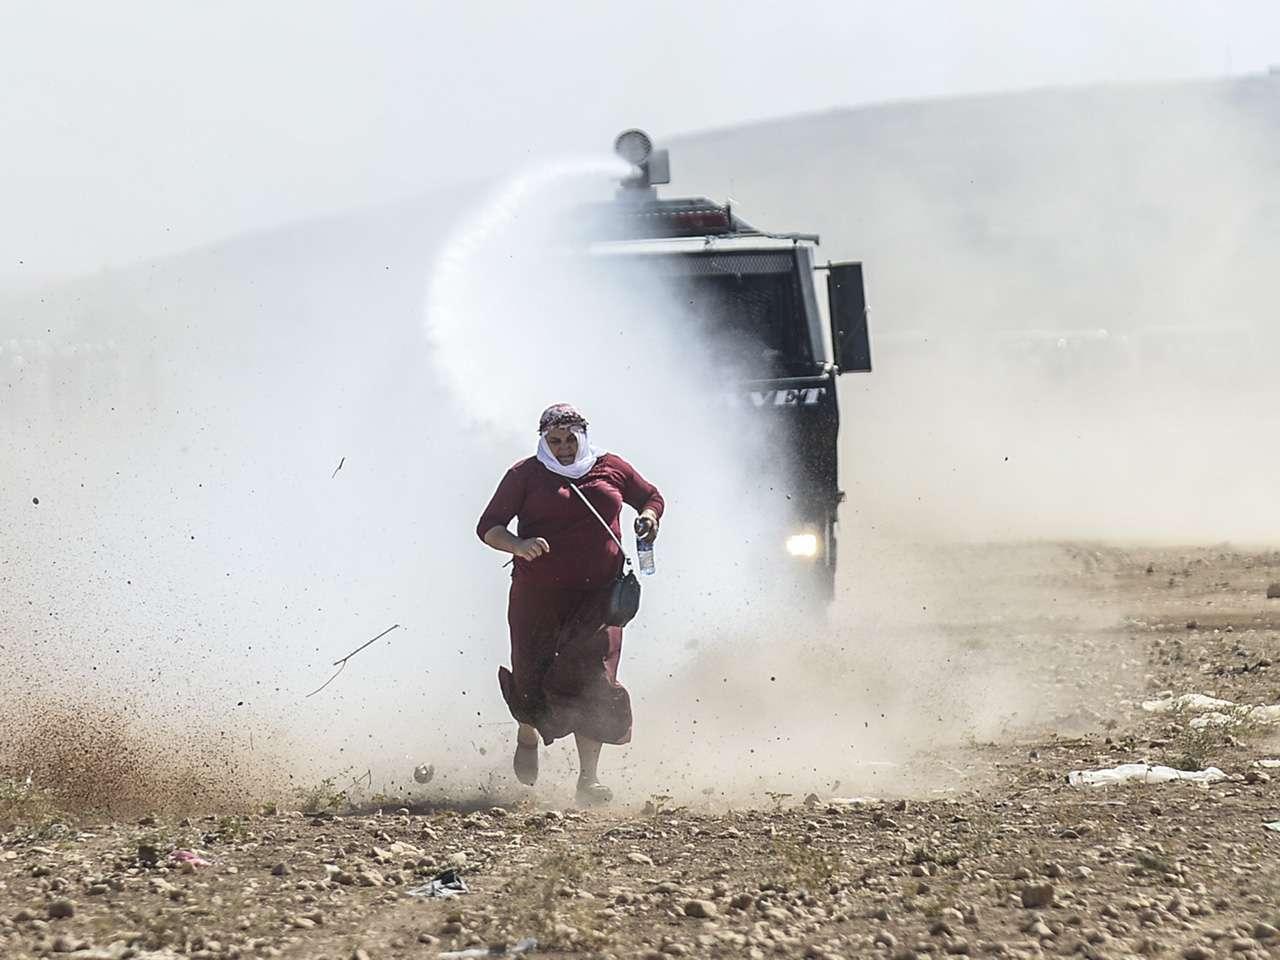 Una mujer kurda se escapa de un cañón de agua cerca de la frontera con Siria después de que las autoridades turcas cerraron temporalmente la frontera en la ciudad suroriental de Suruc en la provincia de Sanliurfa. Foto: AFP en español